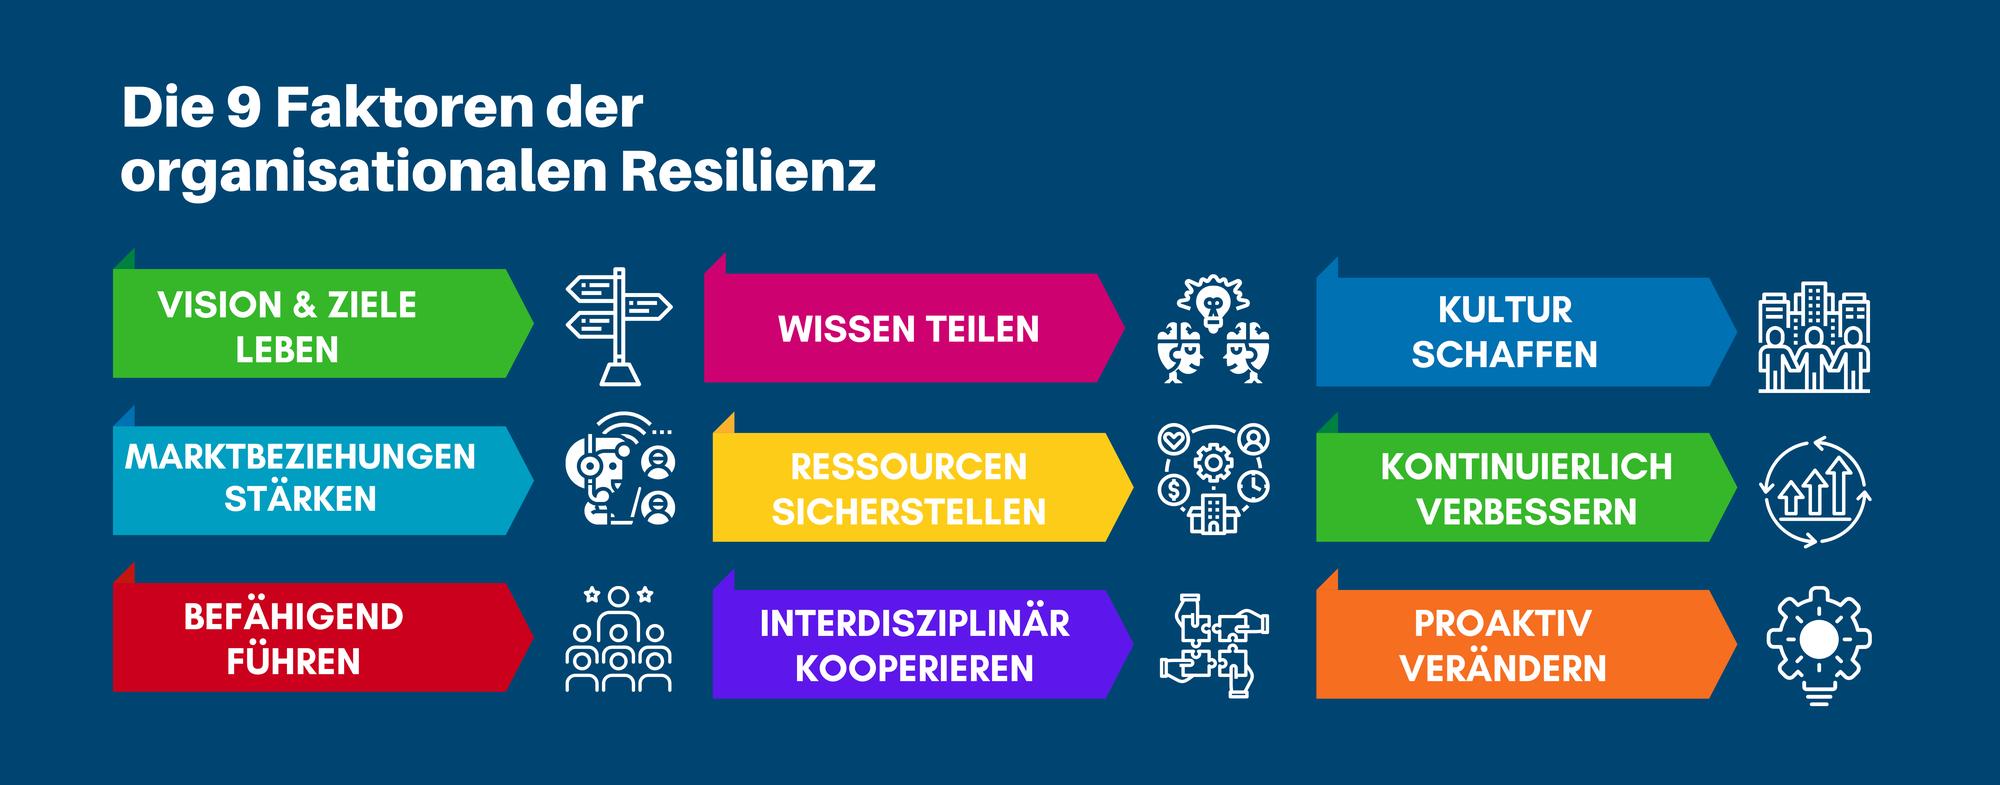 Die essenzielle Notwendigkeit organisationaler Resilienz